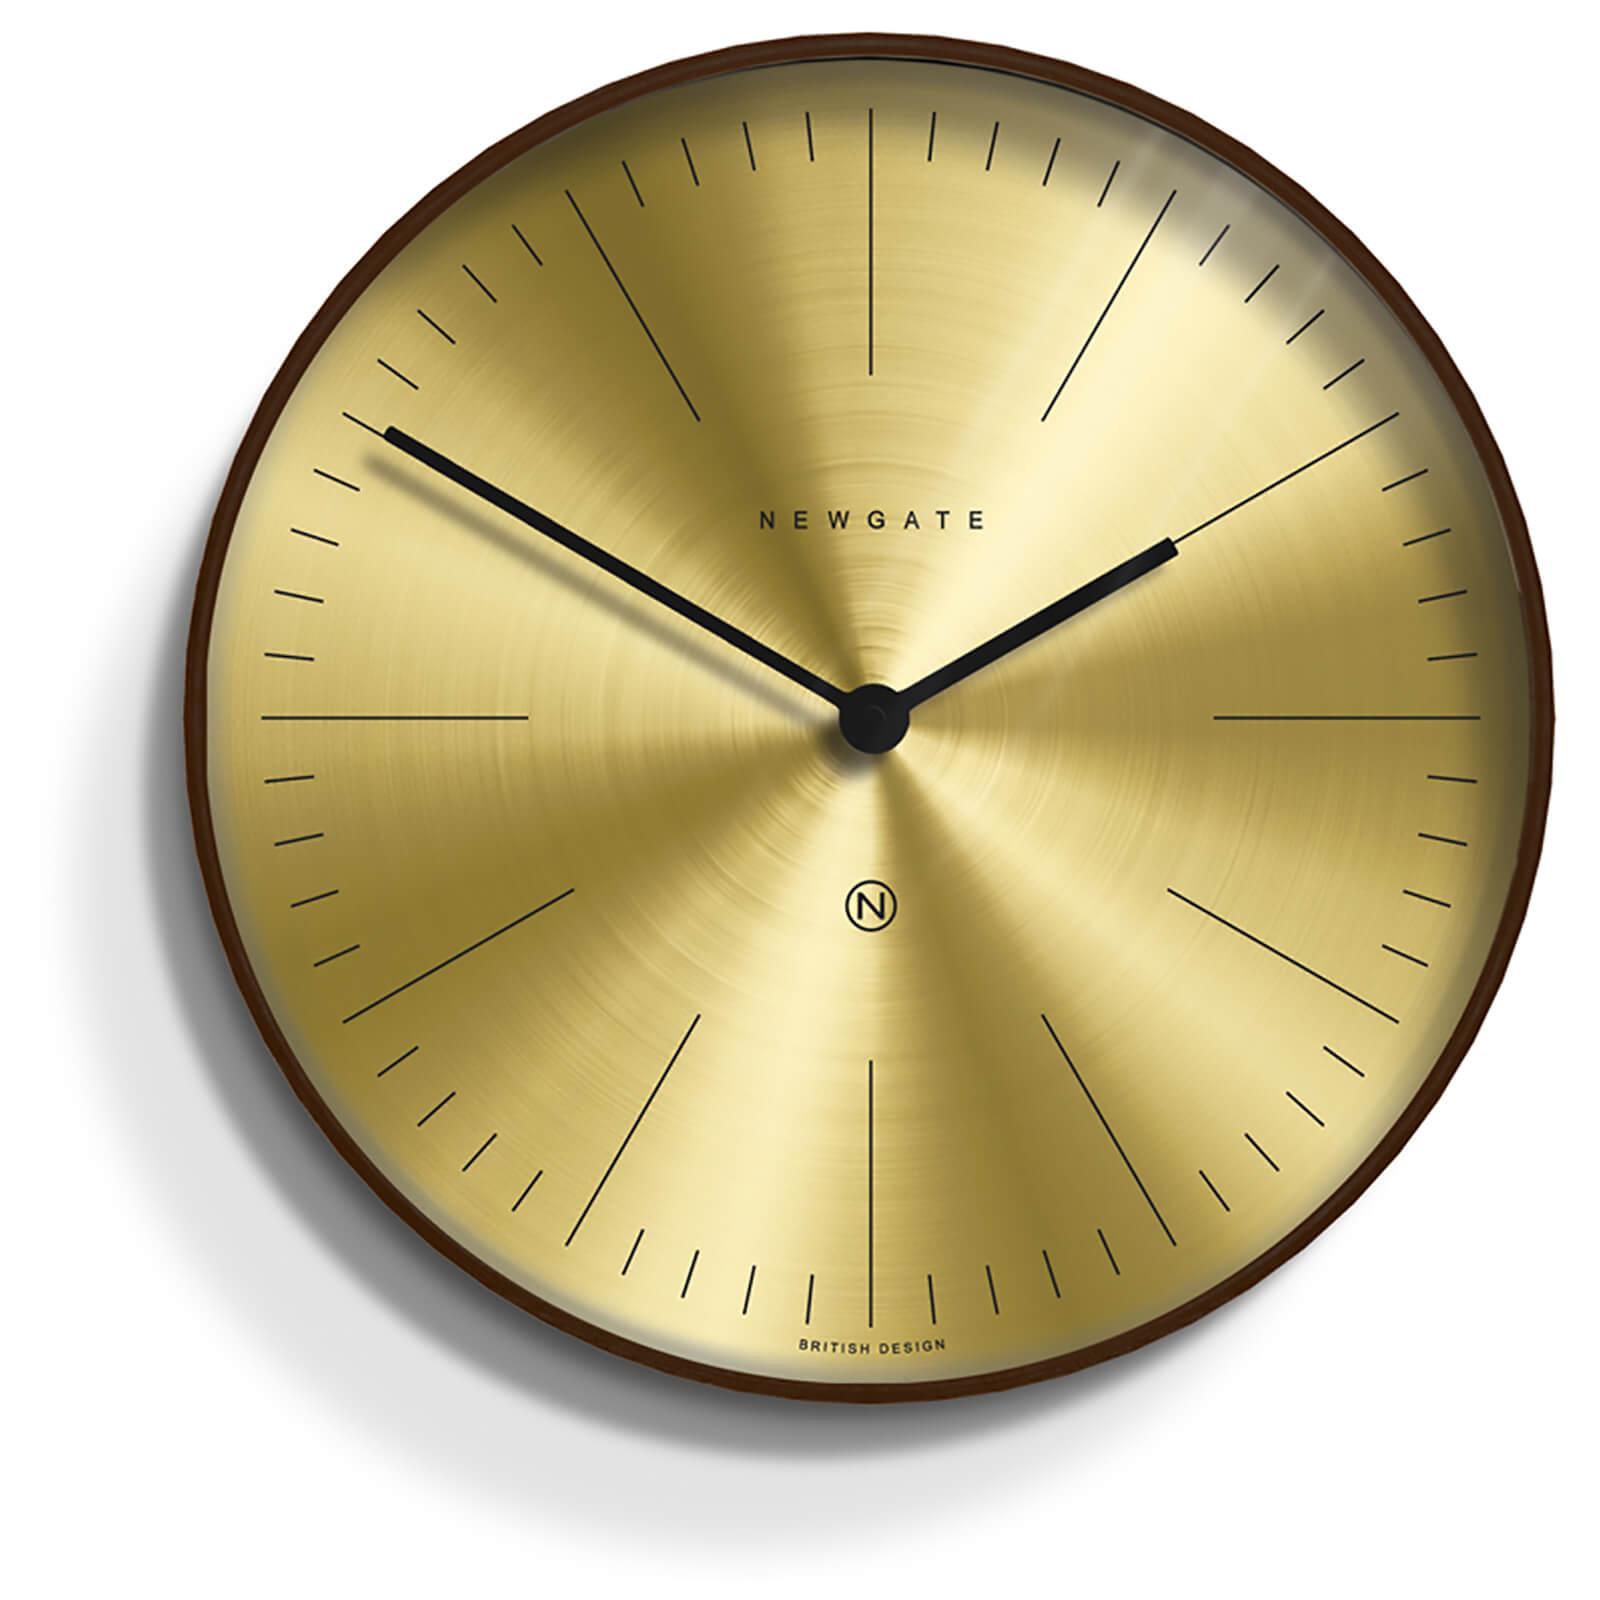 Newgate Mr Clarke Wall Clock - Dark Wood - Brass Dial